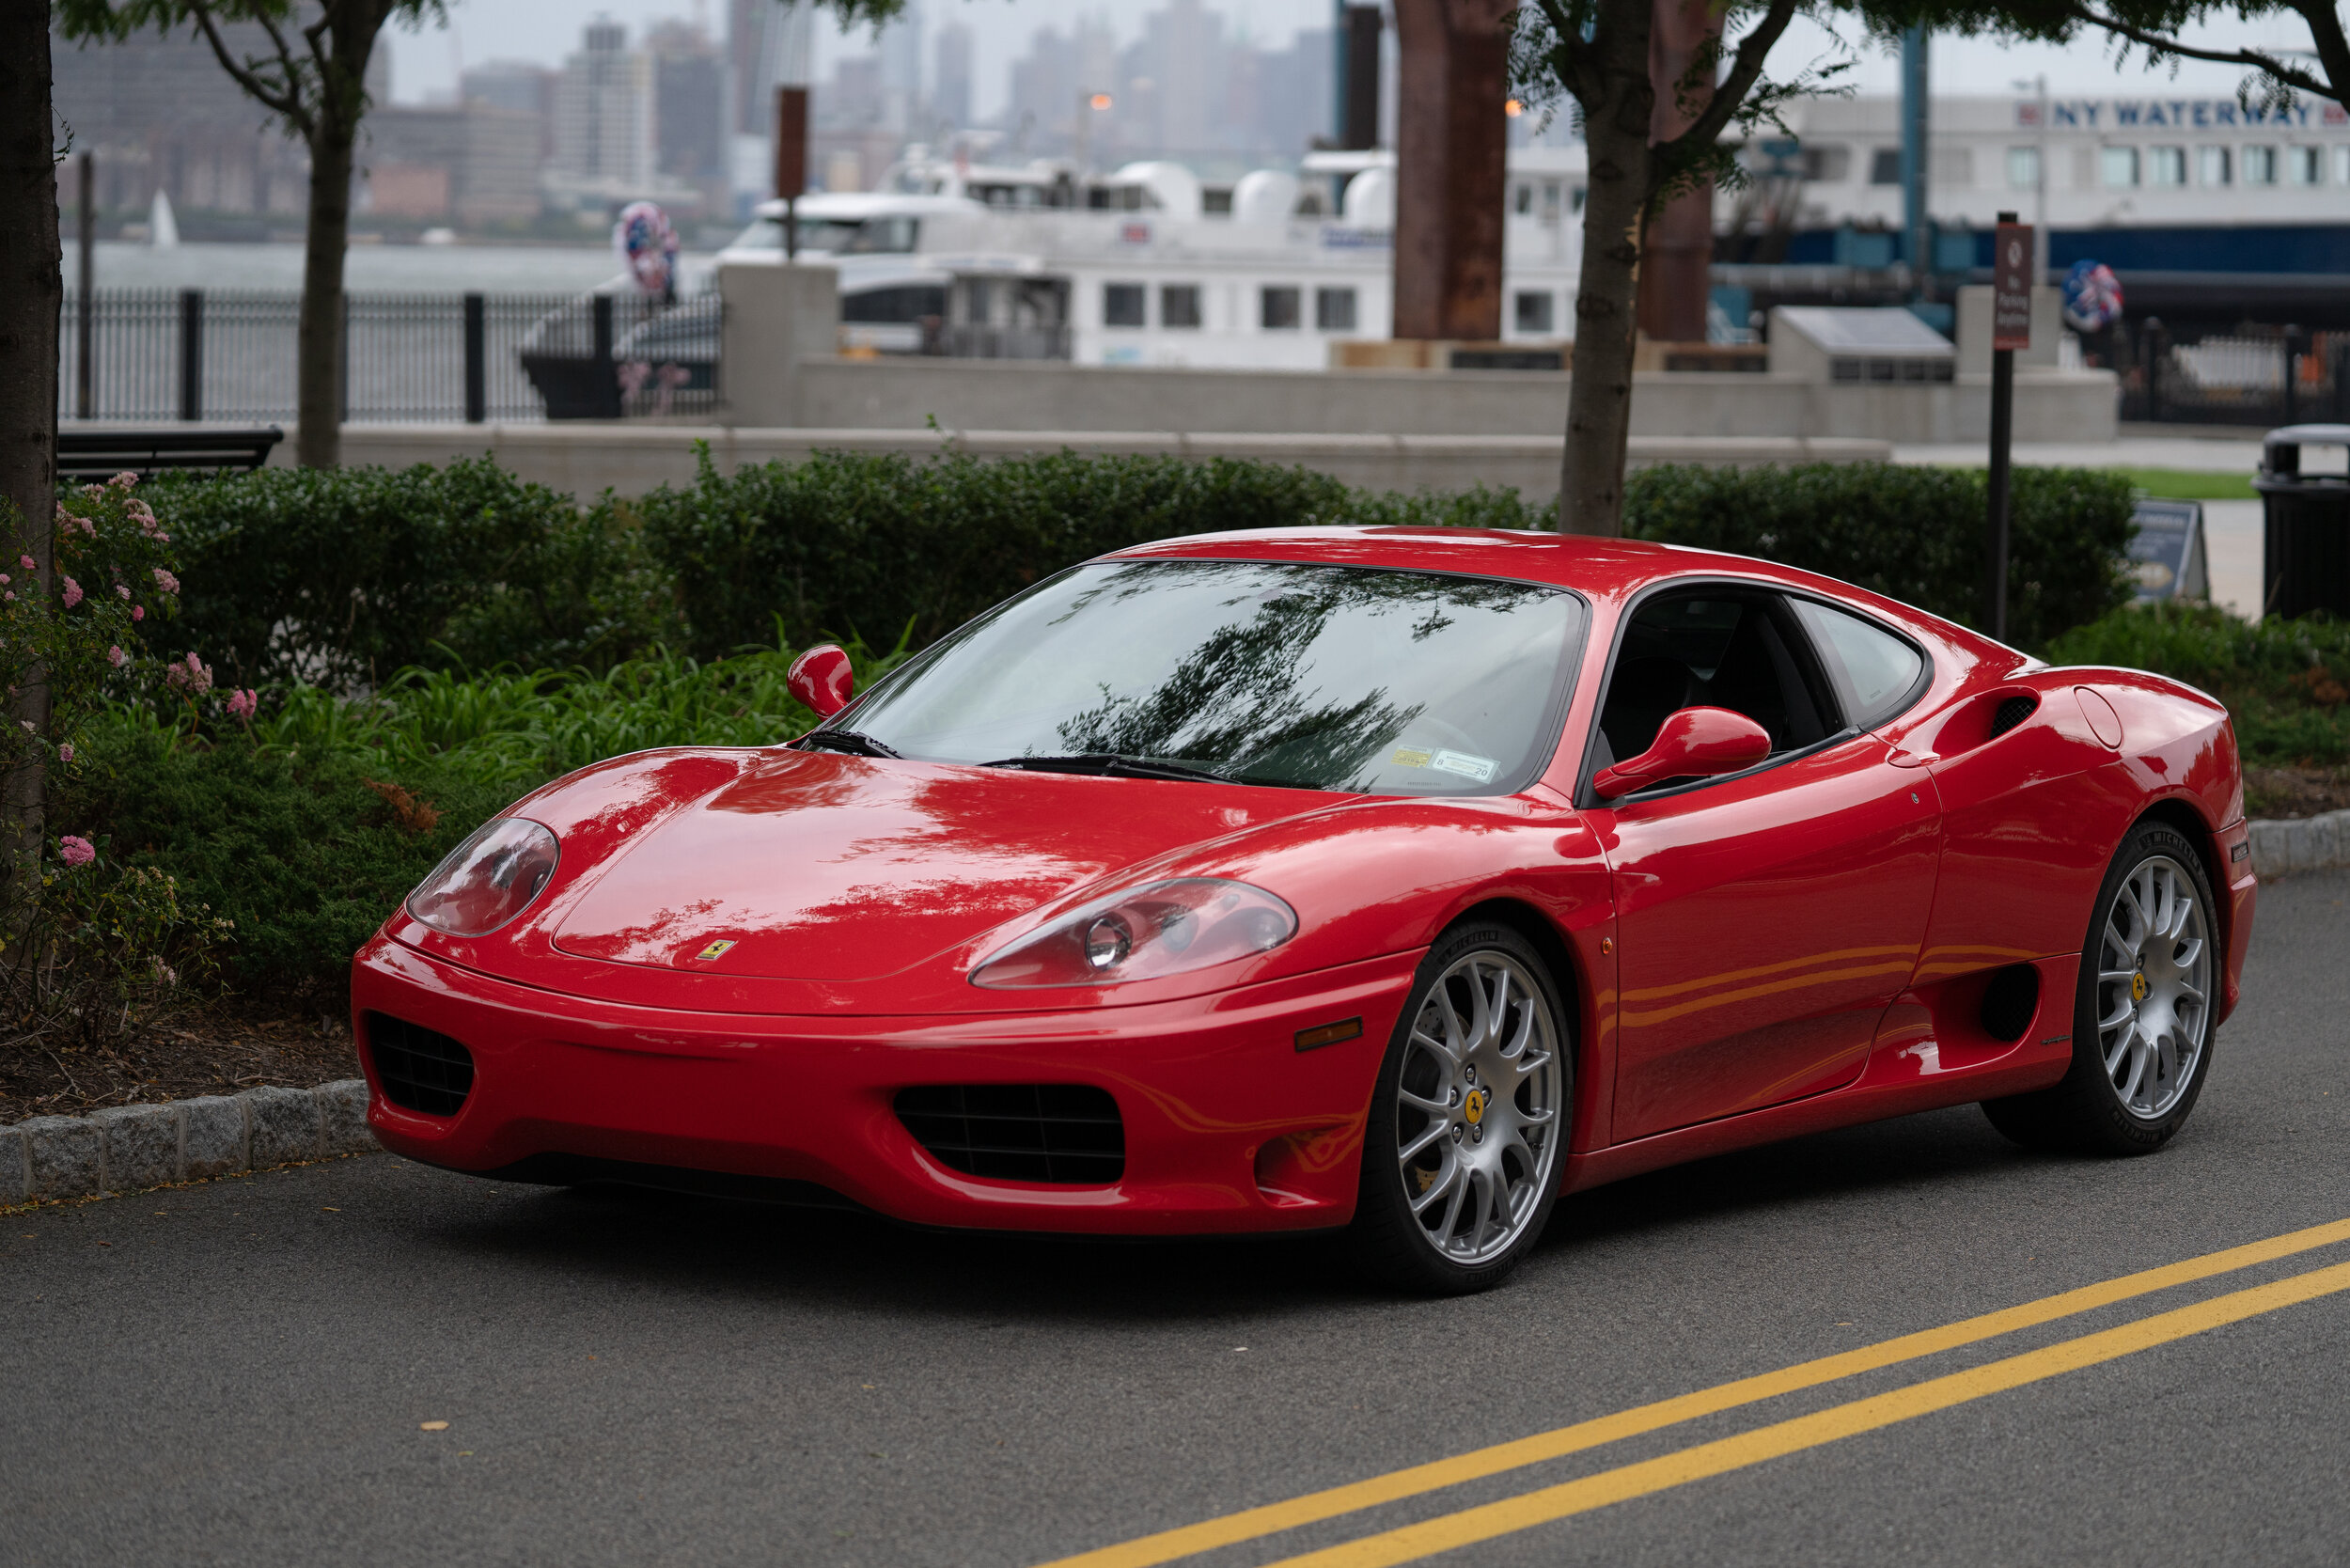 1999 Ferrari 360 Modena - $98,000.00